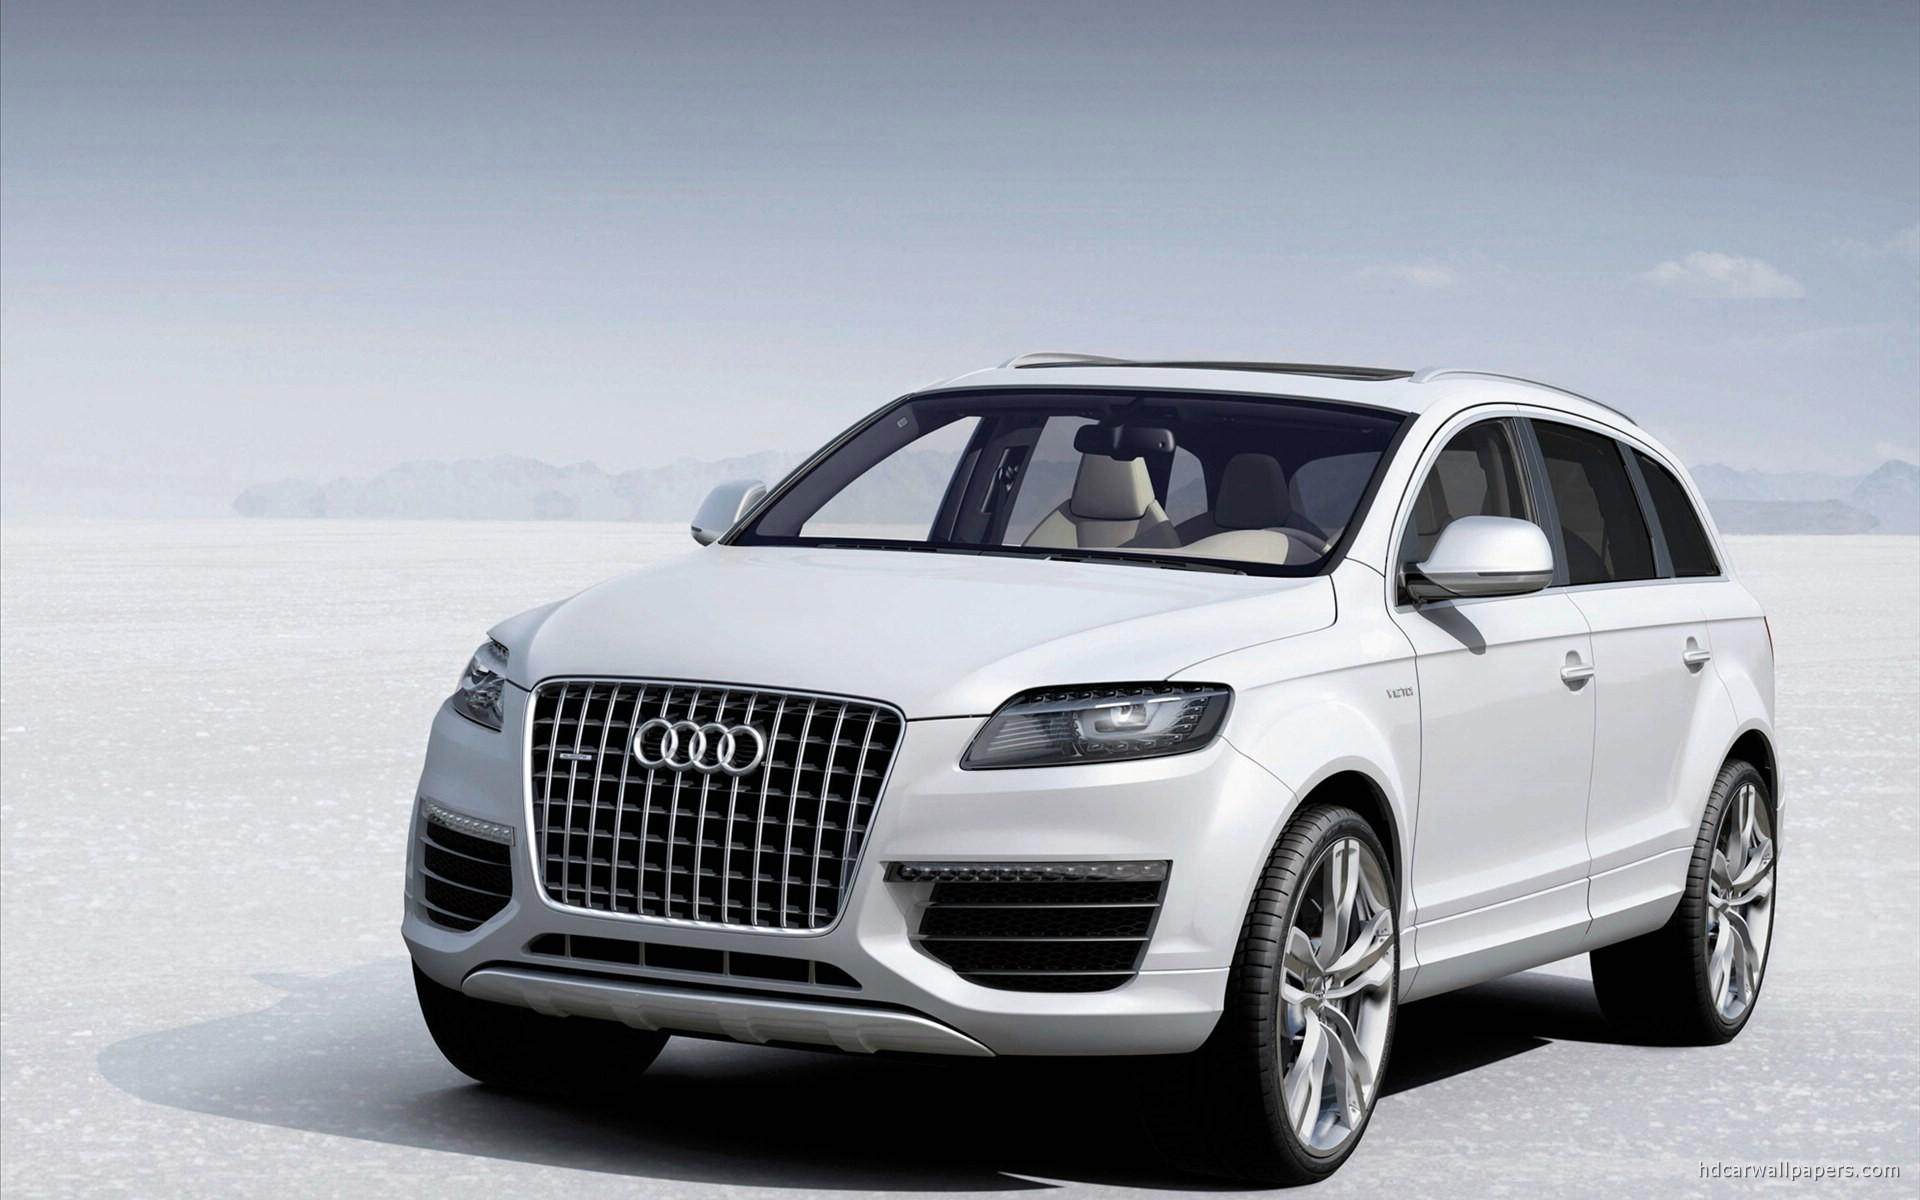 2012 Audi Q7 Image 15